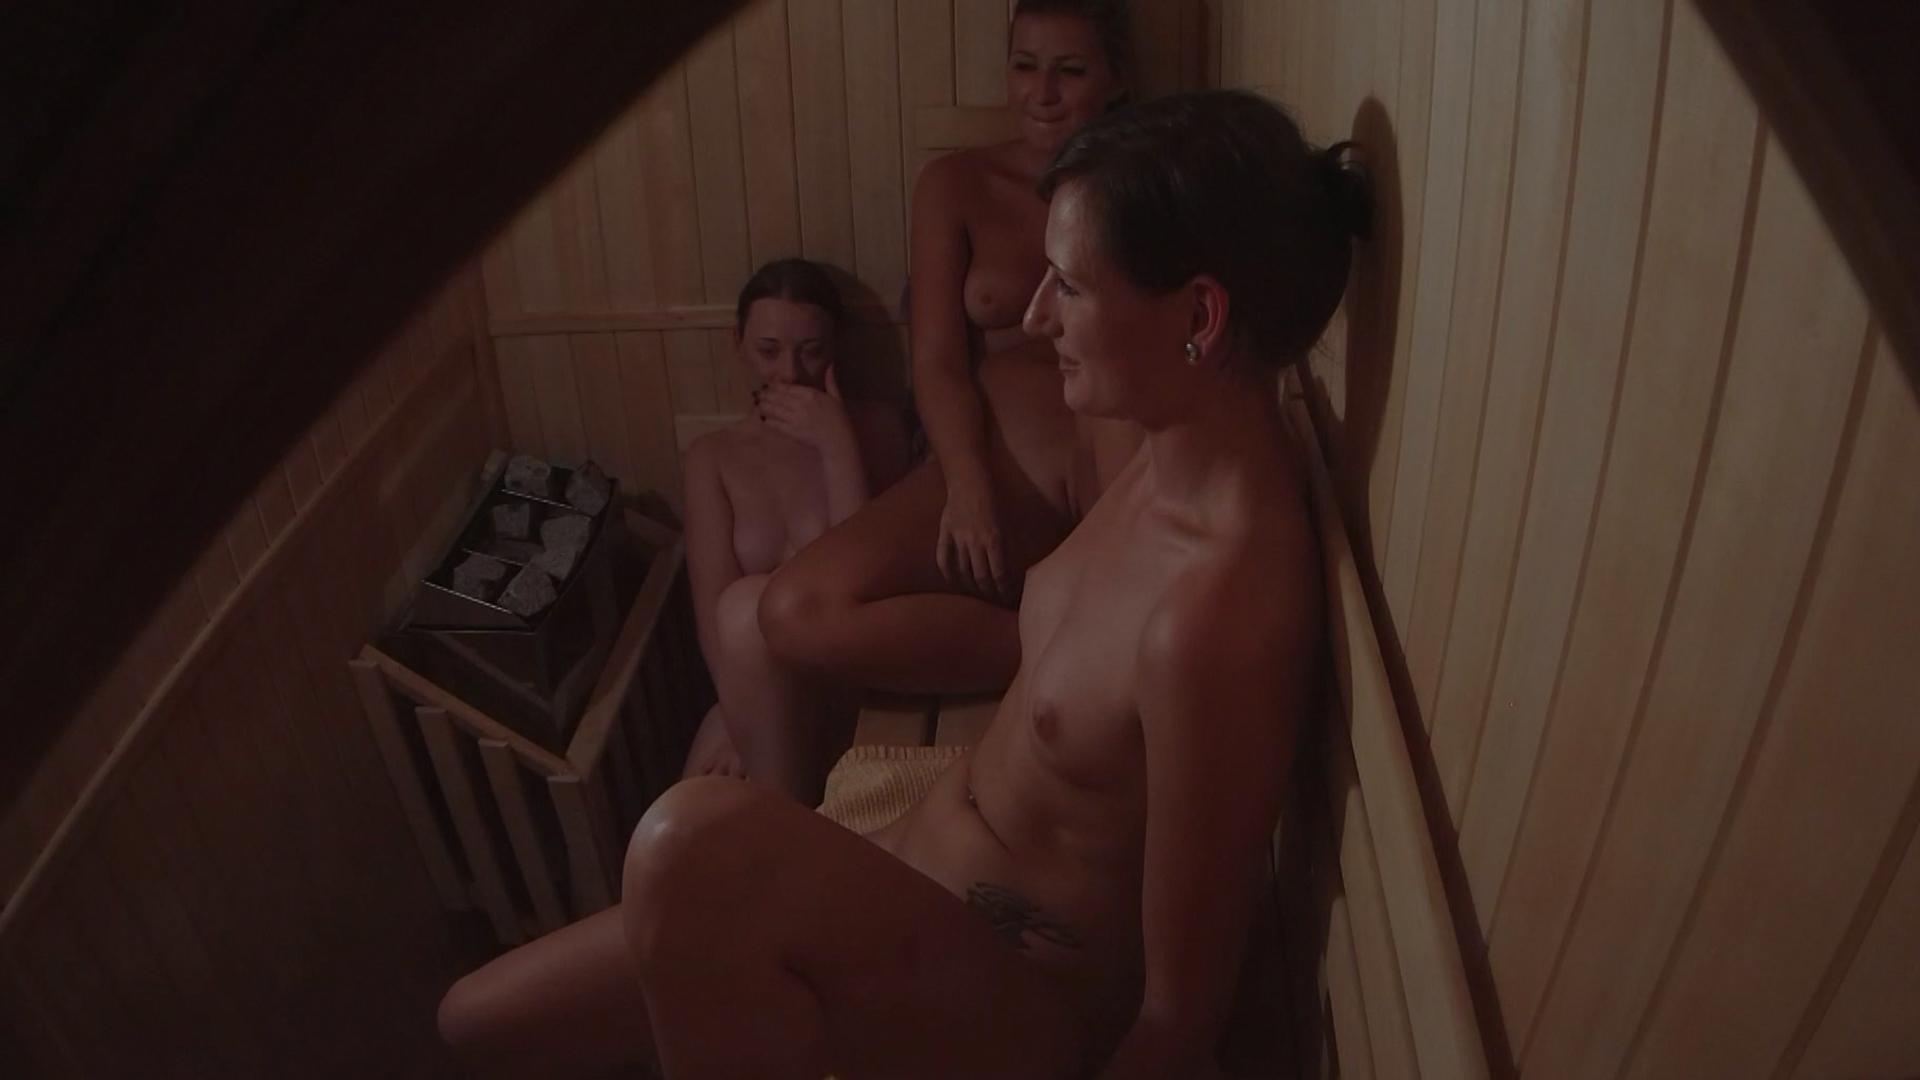 меты бани проститутки скрытая камера